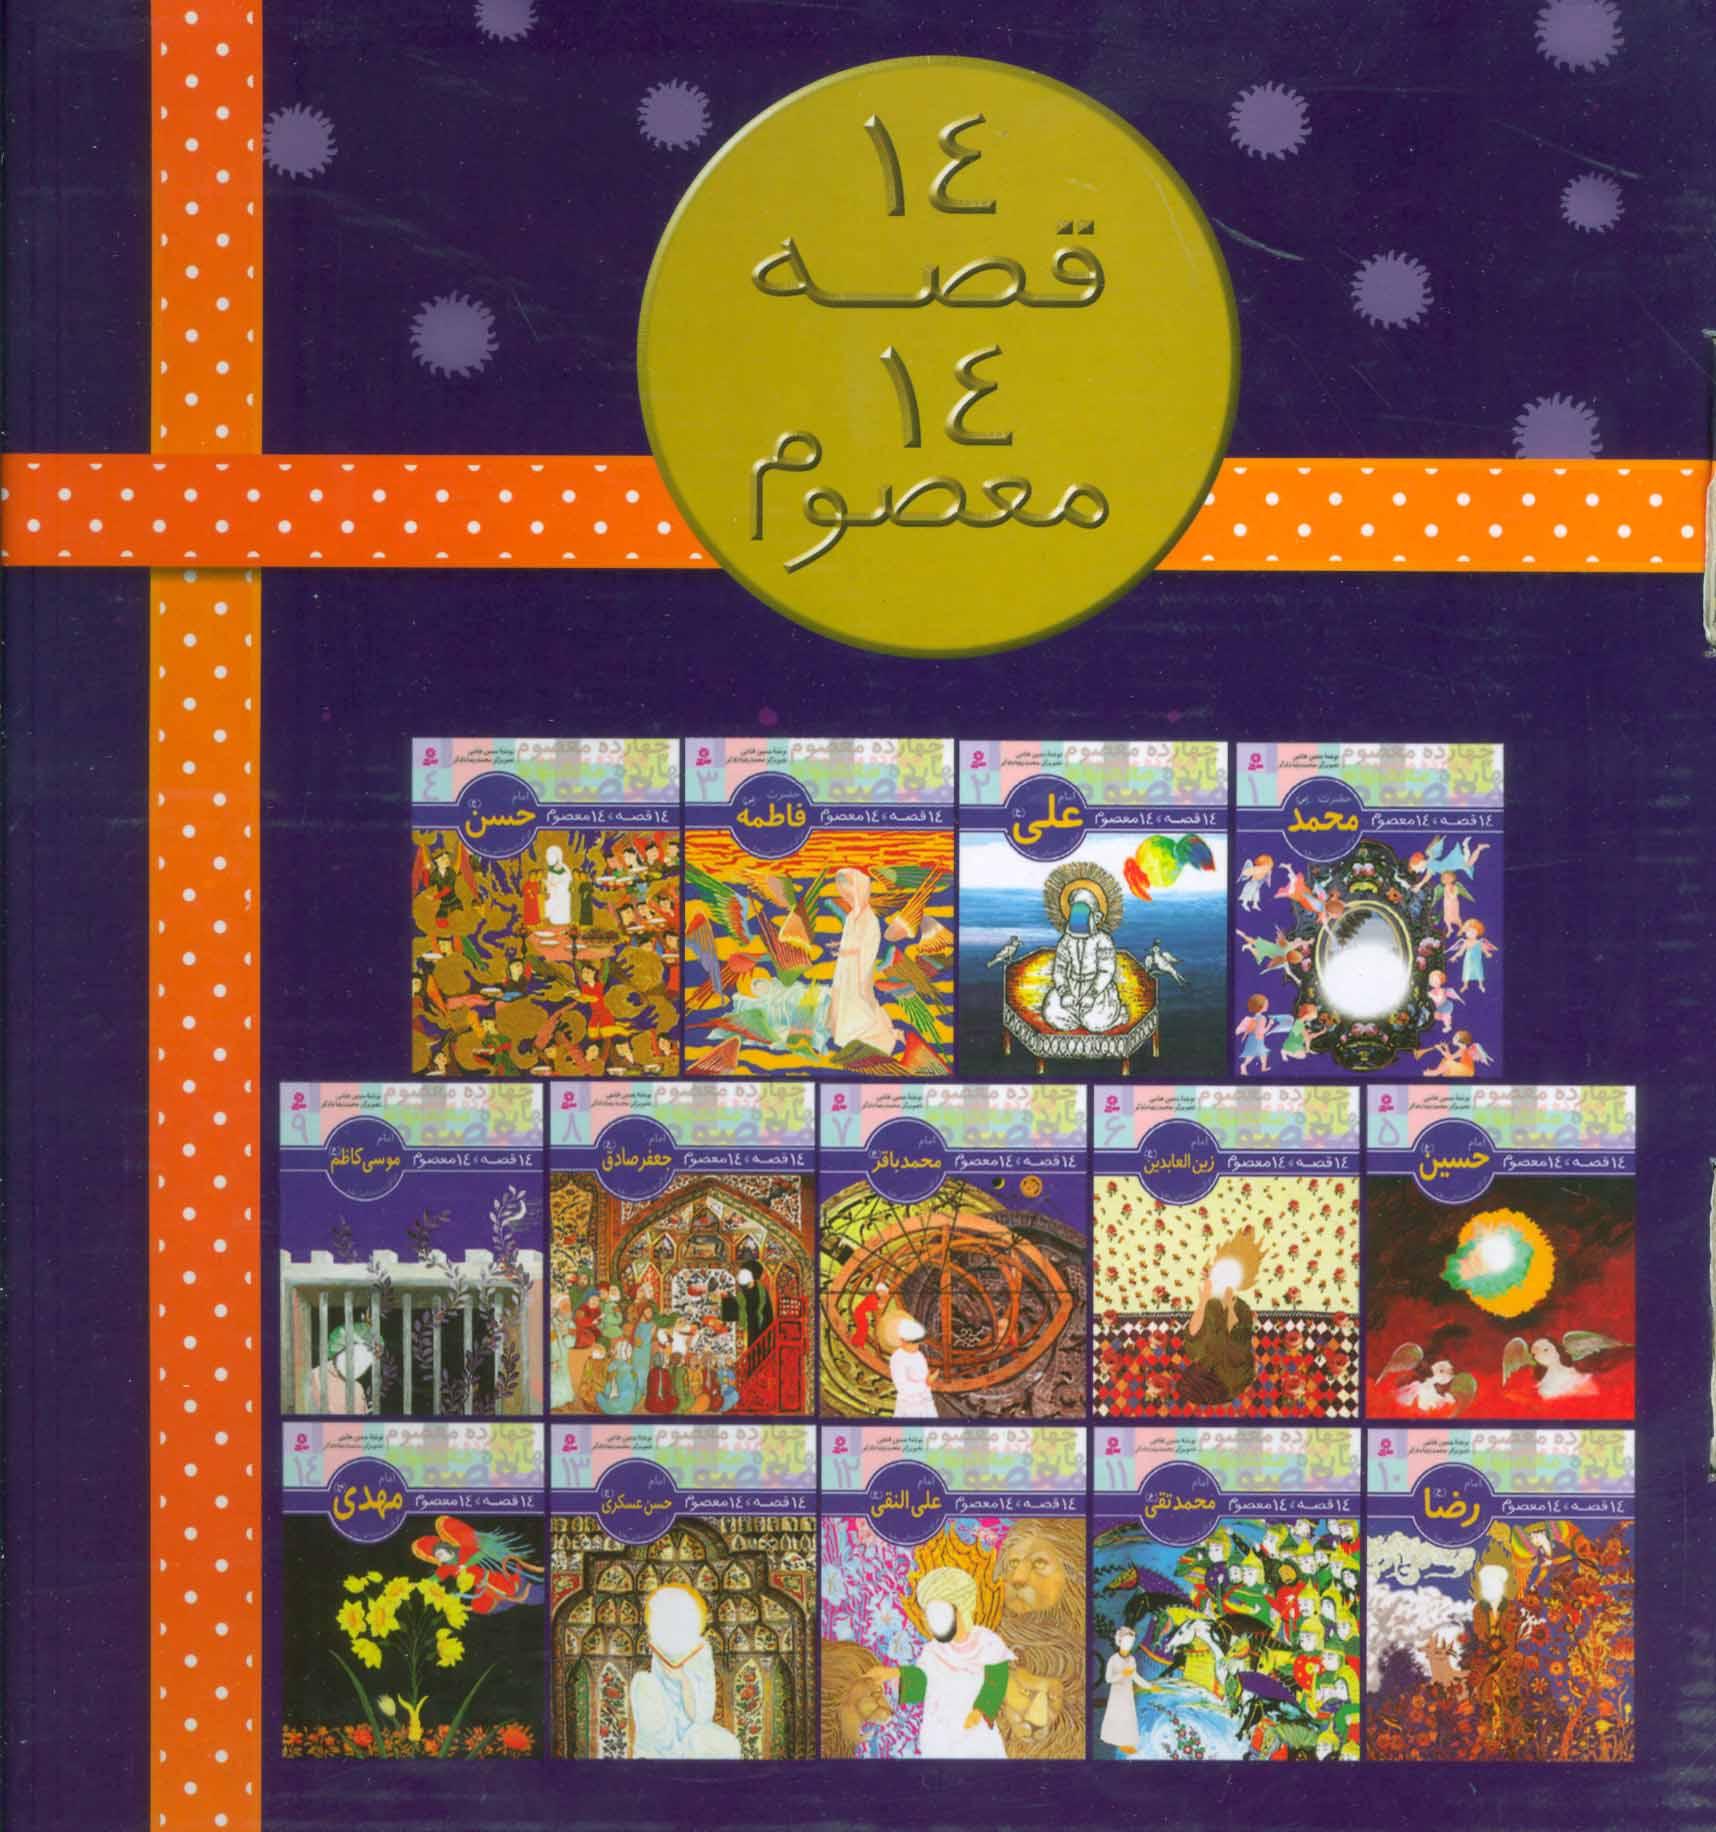 کیف کتاب 14 قصه،14 معصوم (14جلدی)